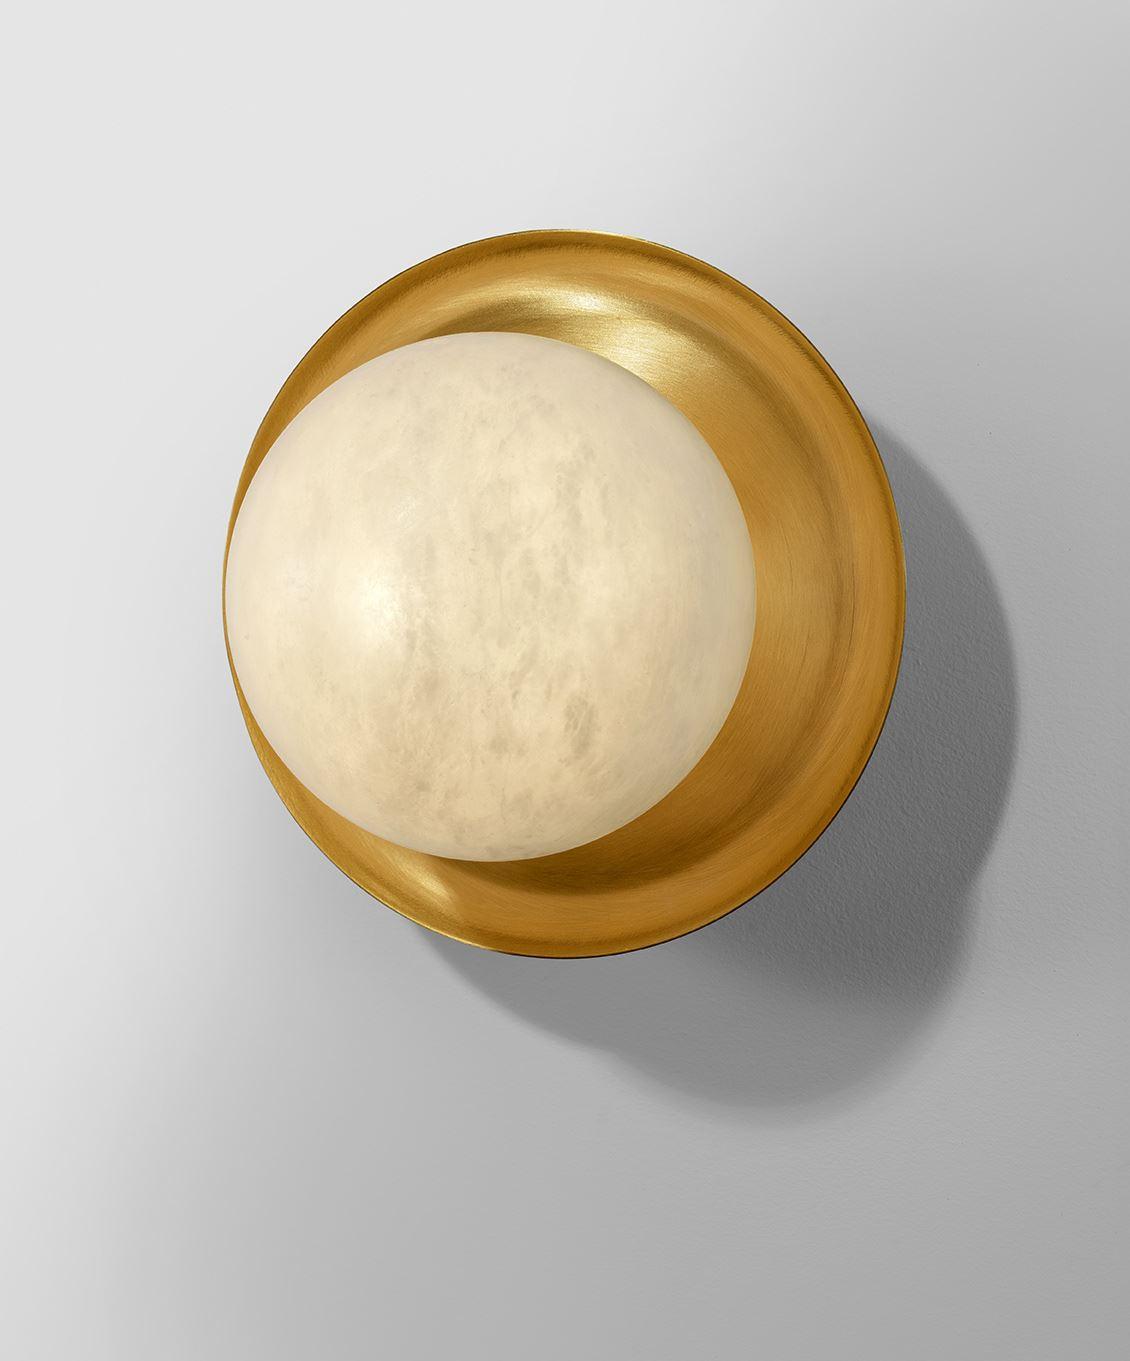 גופי תאורה בקטגוריית: מנורות קיר  ,שם המוצר: אלבסטרה